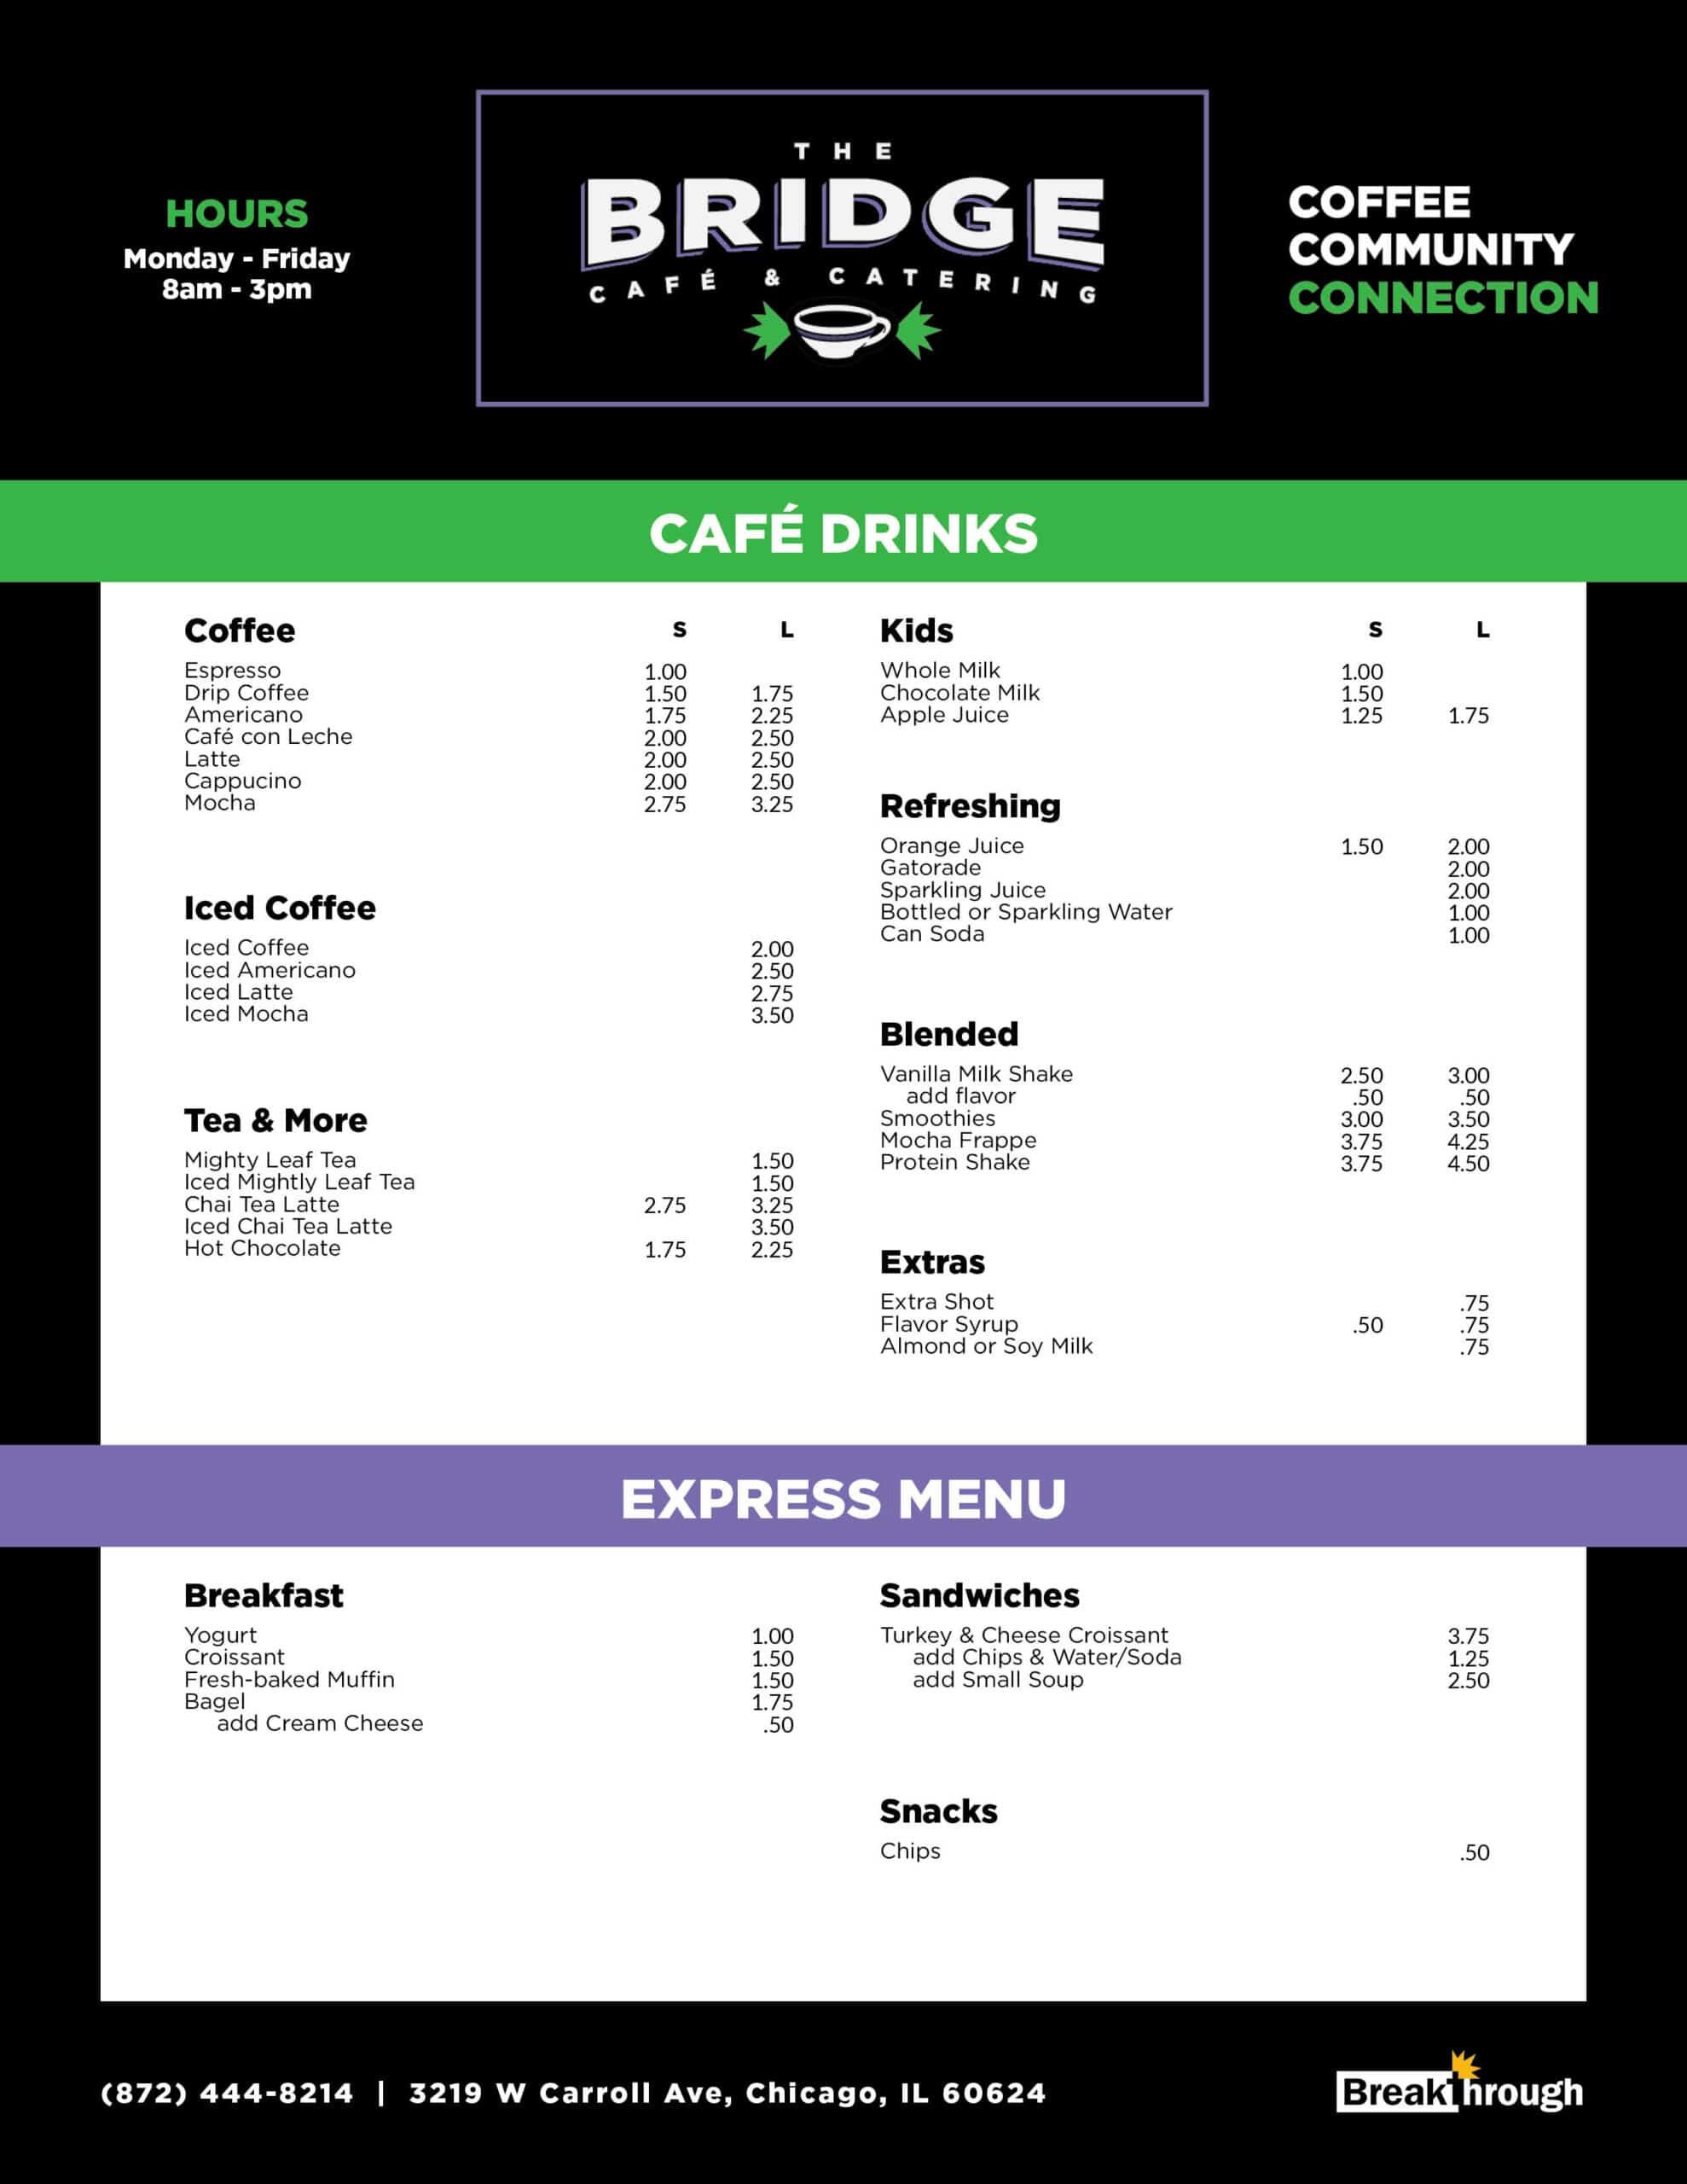 Bridge Cafe Express Menu Oct 2020 v2 3